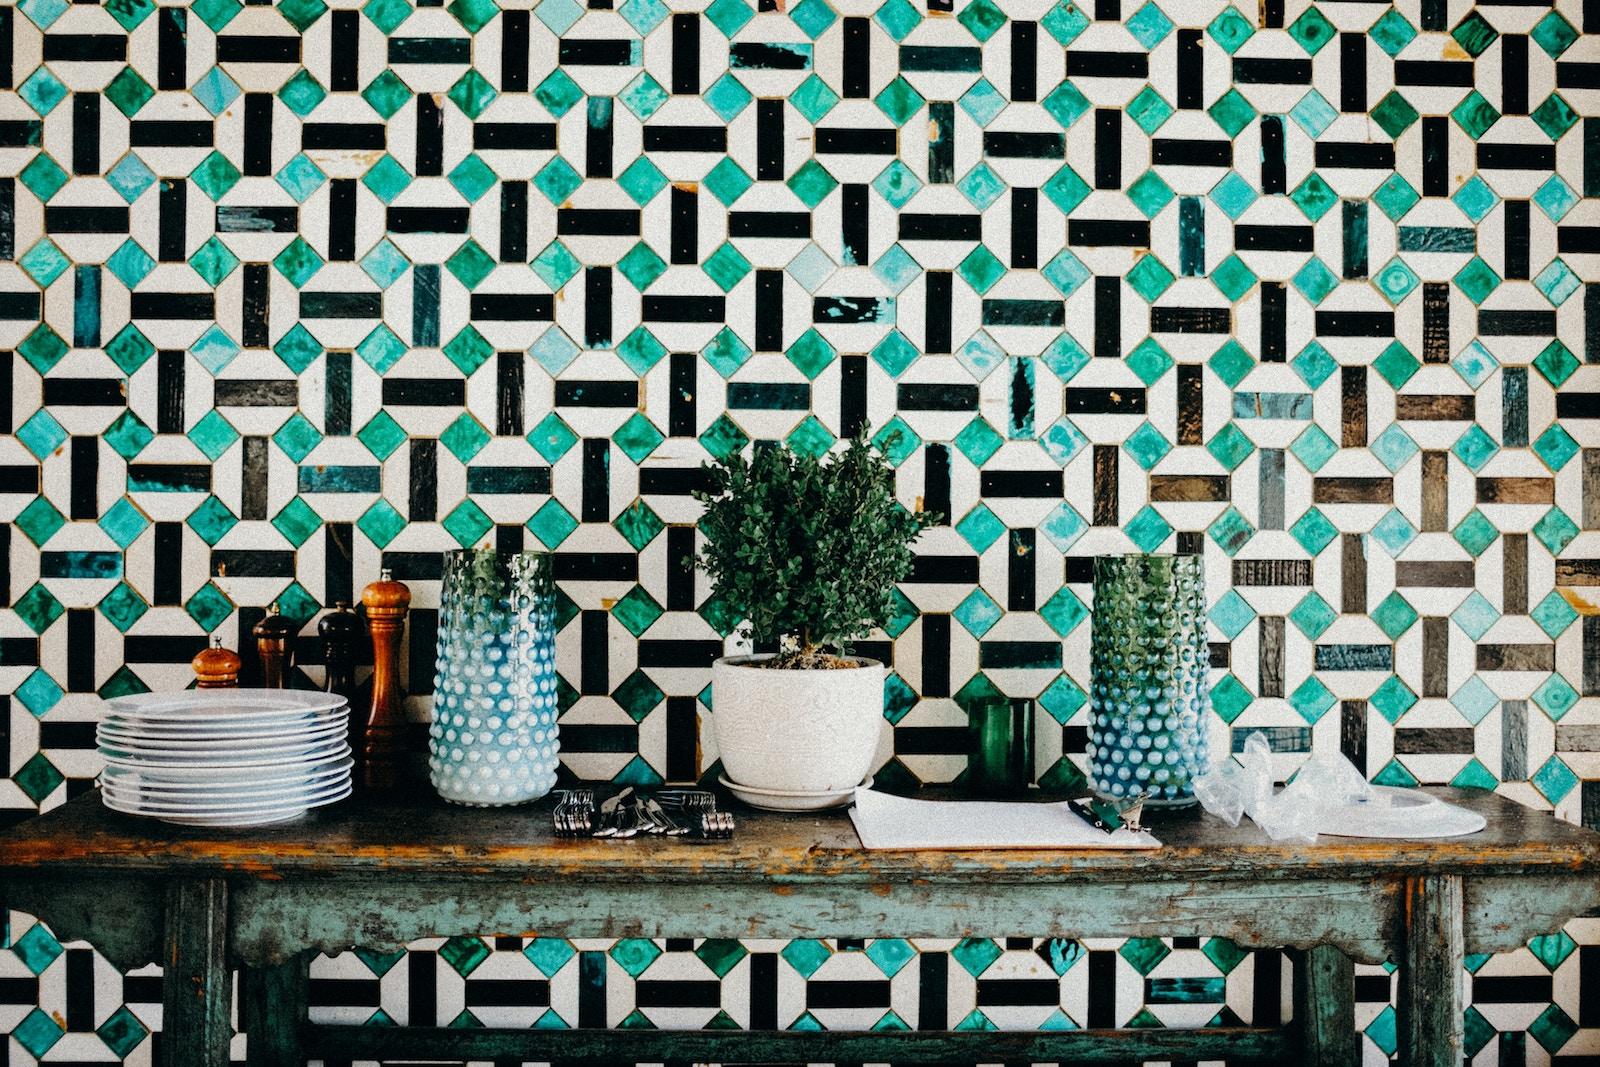 Arredare la casa con maioliche siciliane: 3 idee da copiare